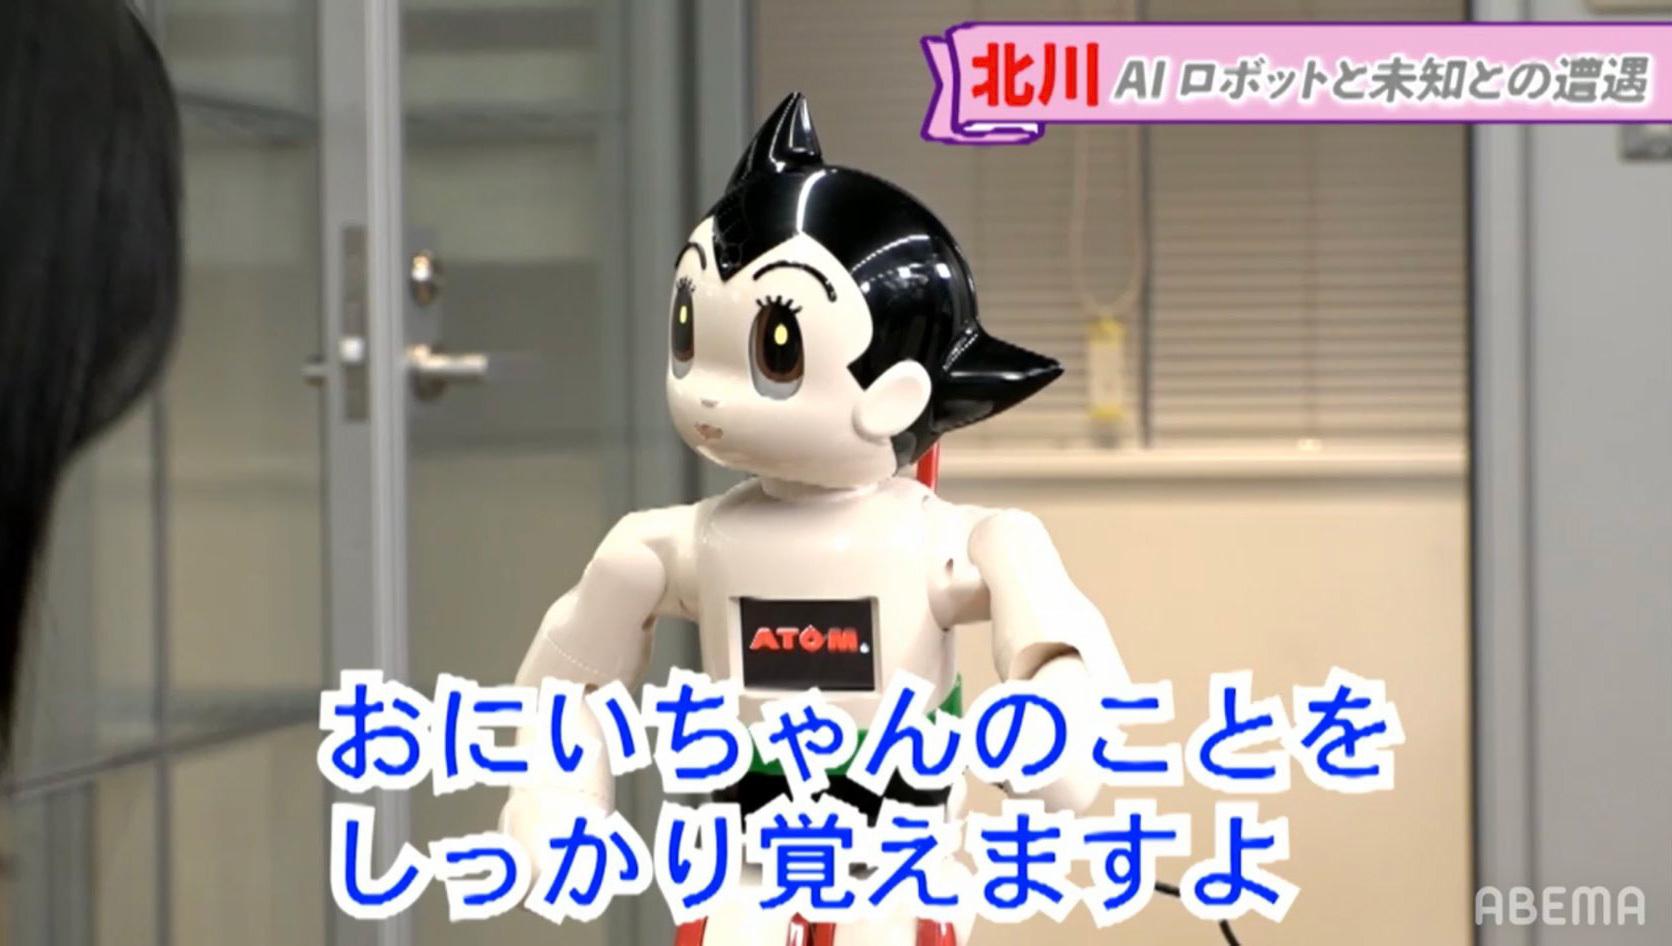 北川悠理 ATOM おにいちゃん4